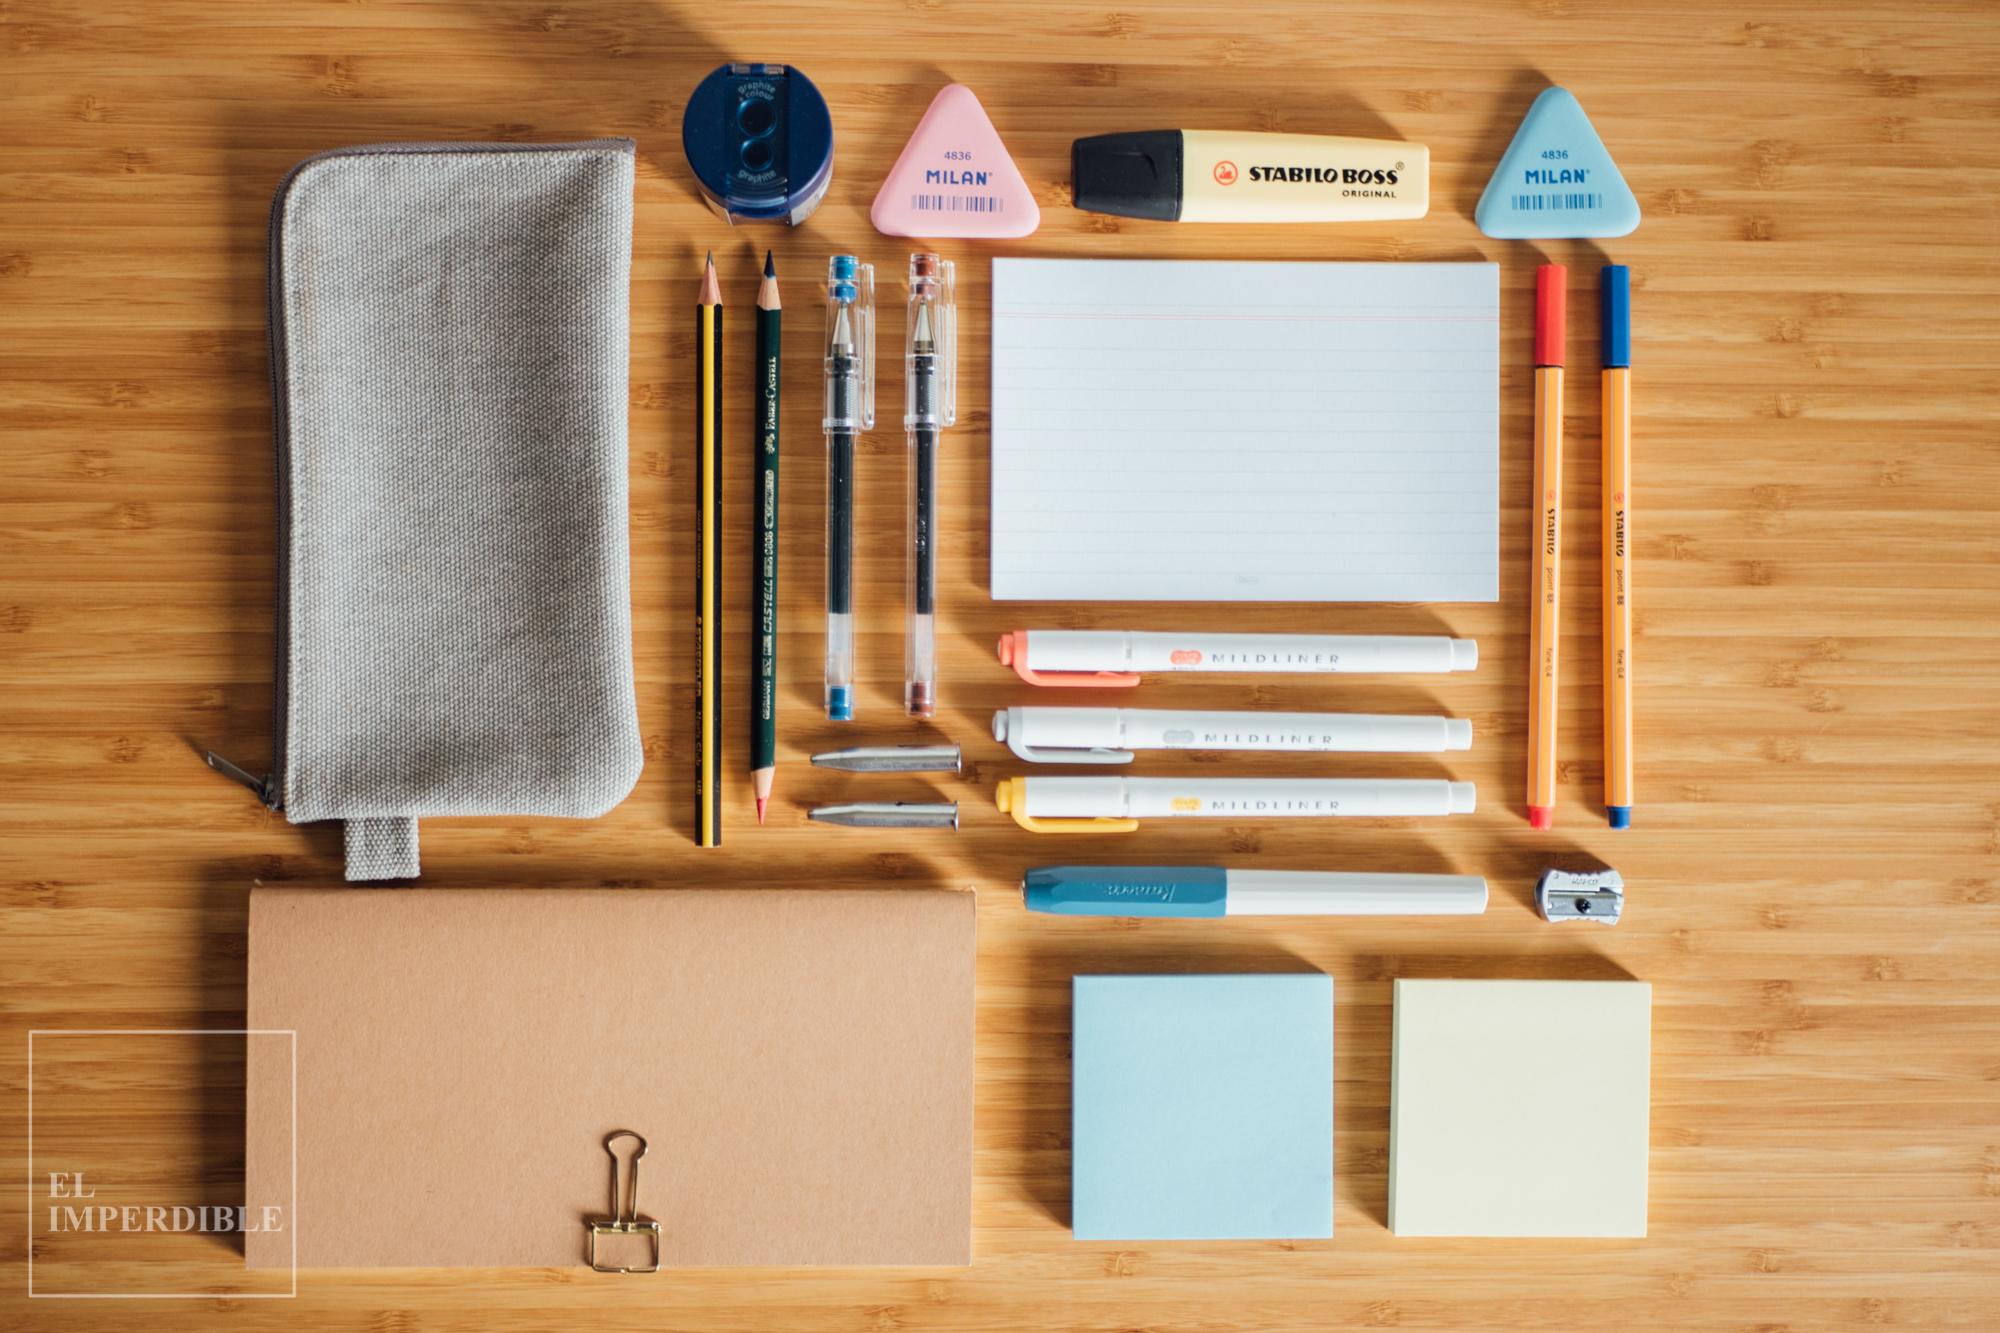 Kit de papelería buena, bonita y barata para disfrutar escribiendo